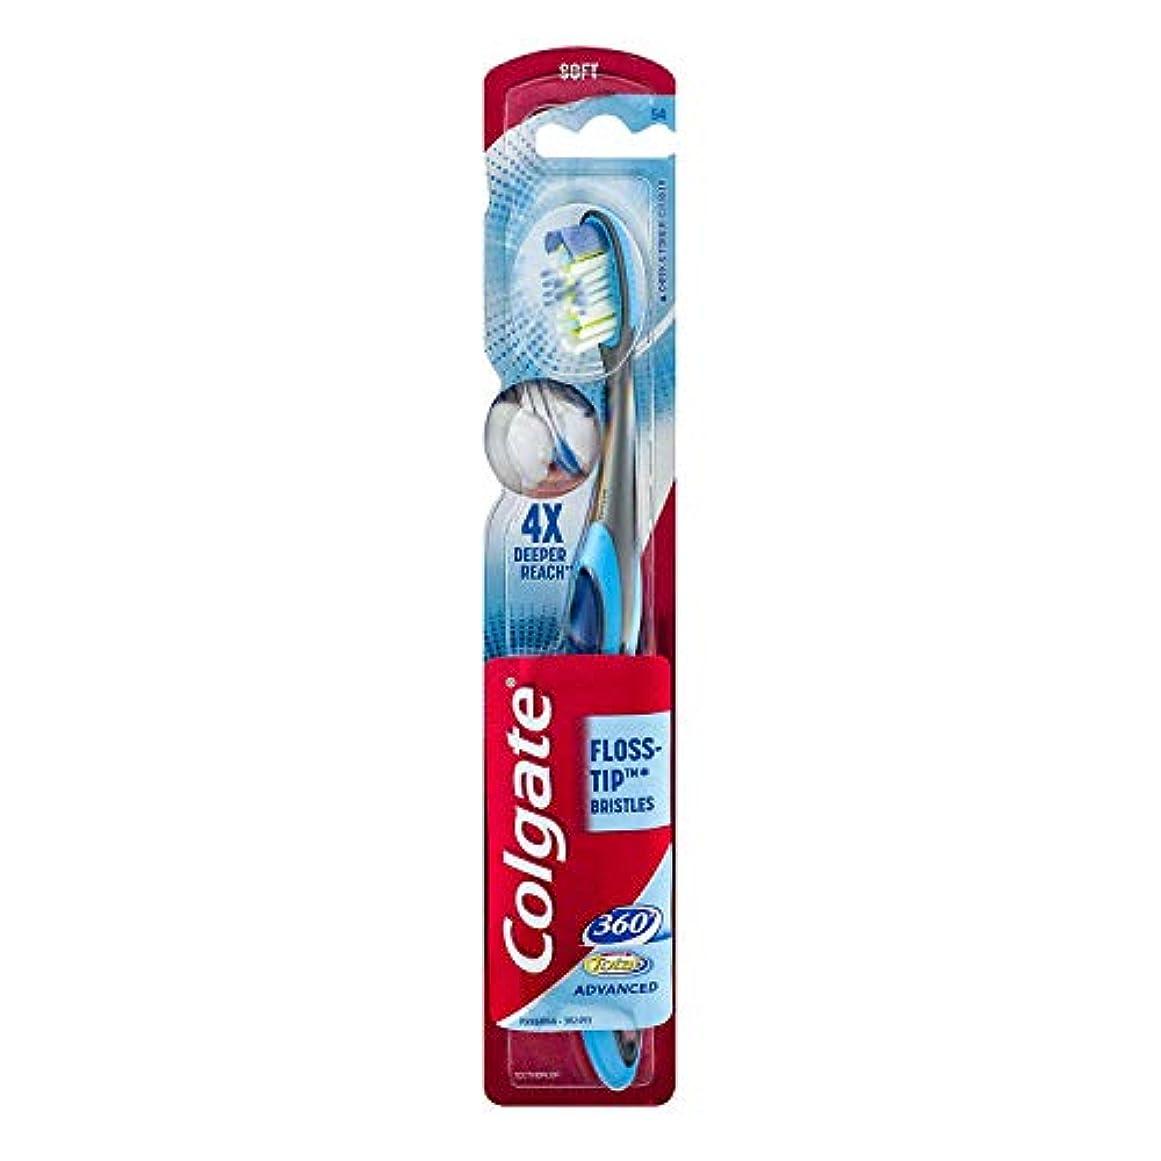 借りている周りブロックするColgate 360合計先進FLOSS-ヒント歯ブラシ、完全な頭部ソフト1 Eaは 1パック